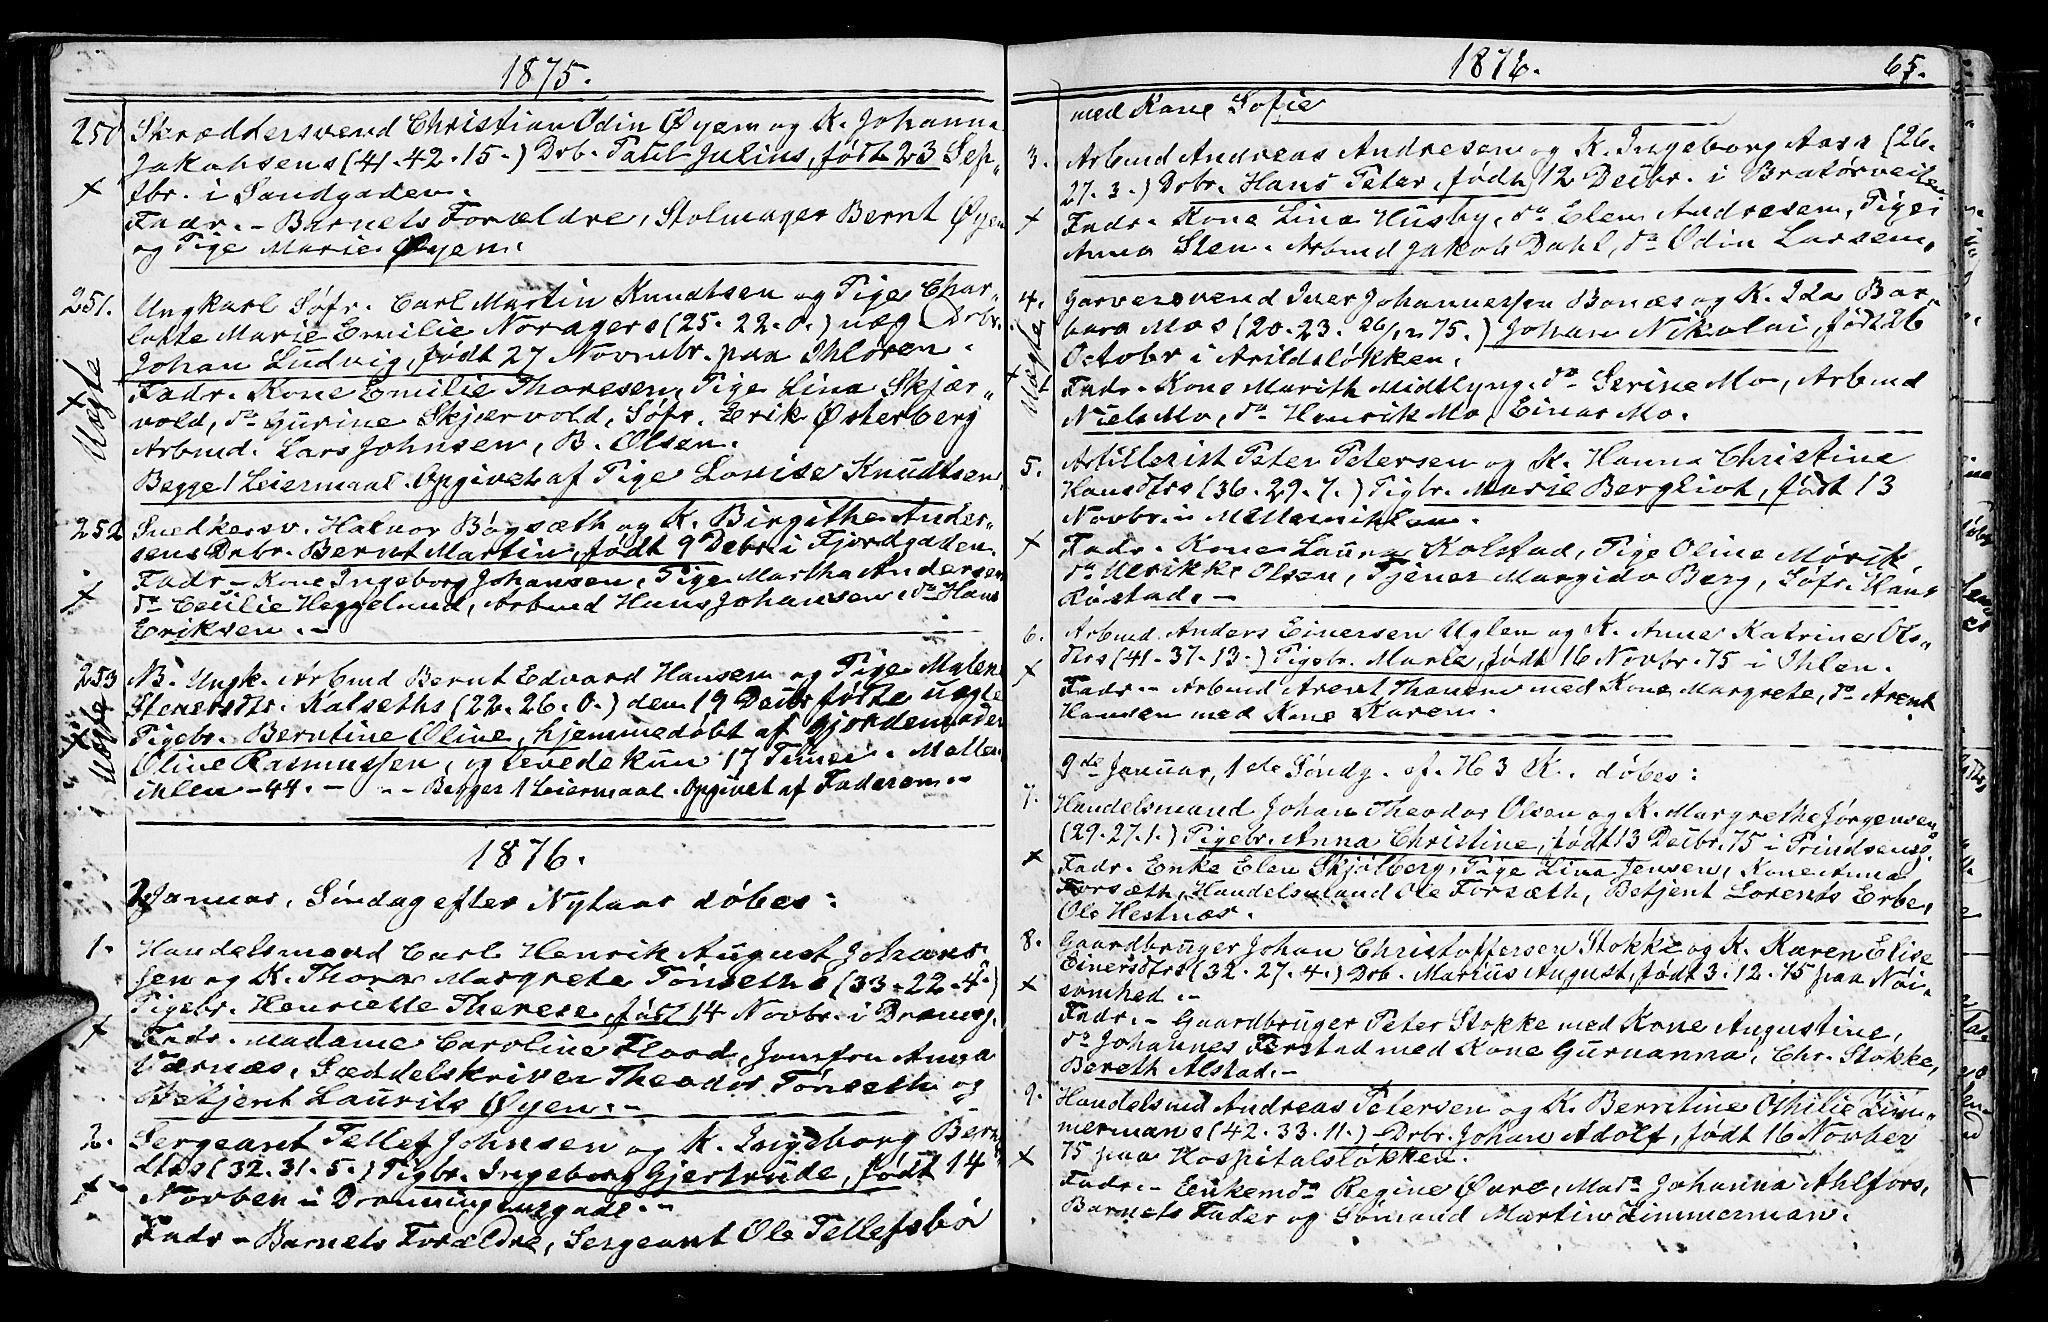 SAT, Ministerialprotokoller, klokkerbøker og fødselsregistre - Sør-Trøndelag, 602/L0142: Klokkerbok nr. 602C10, 1872-1894, s. 65